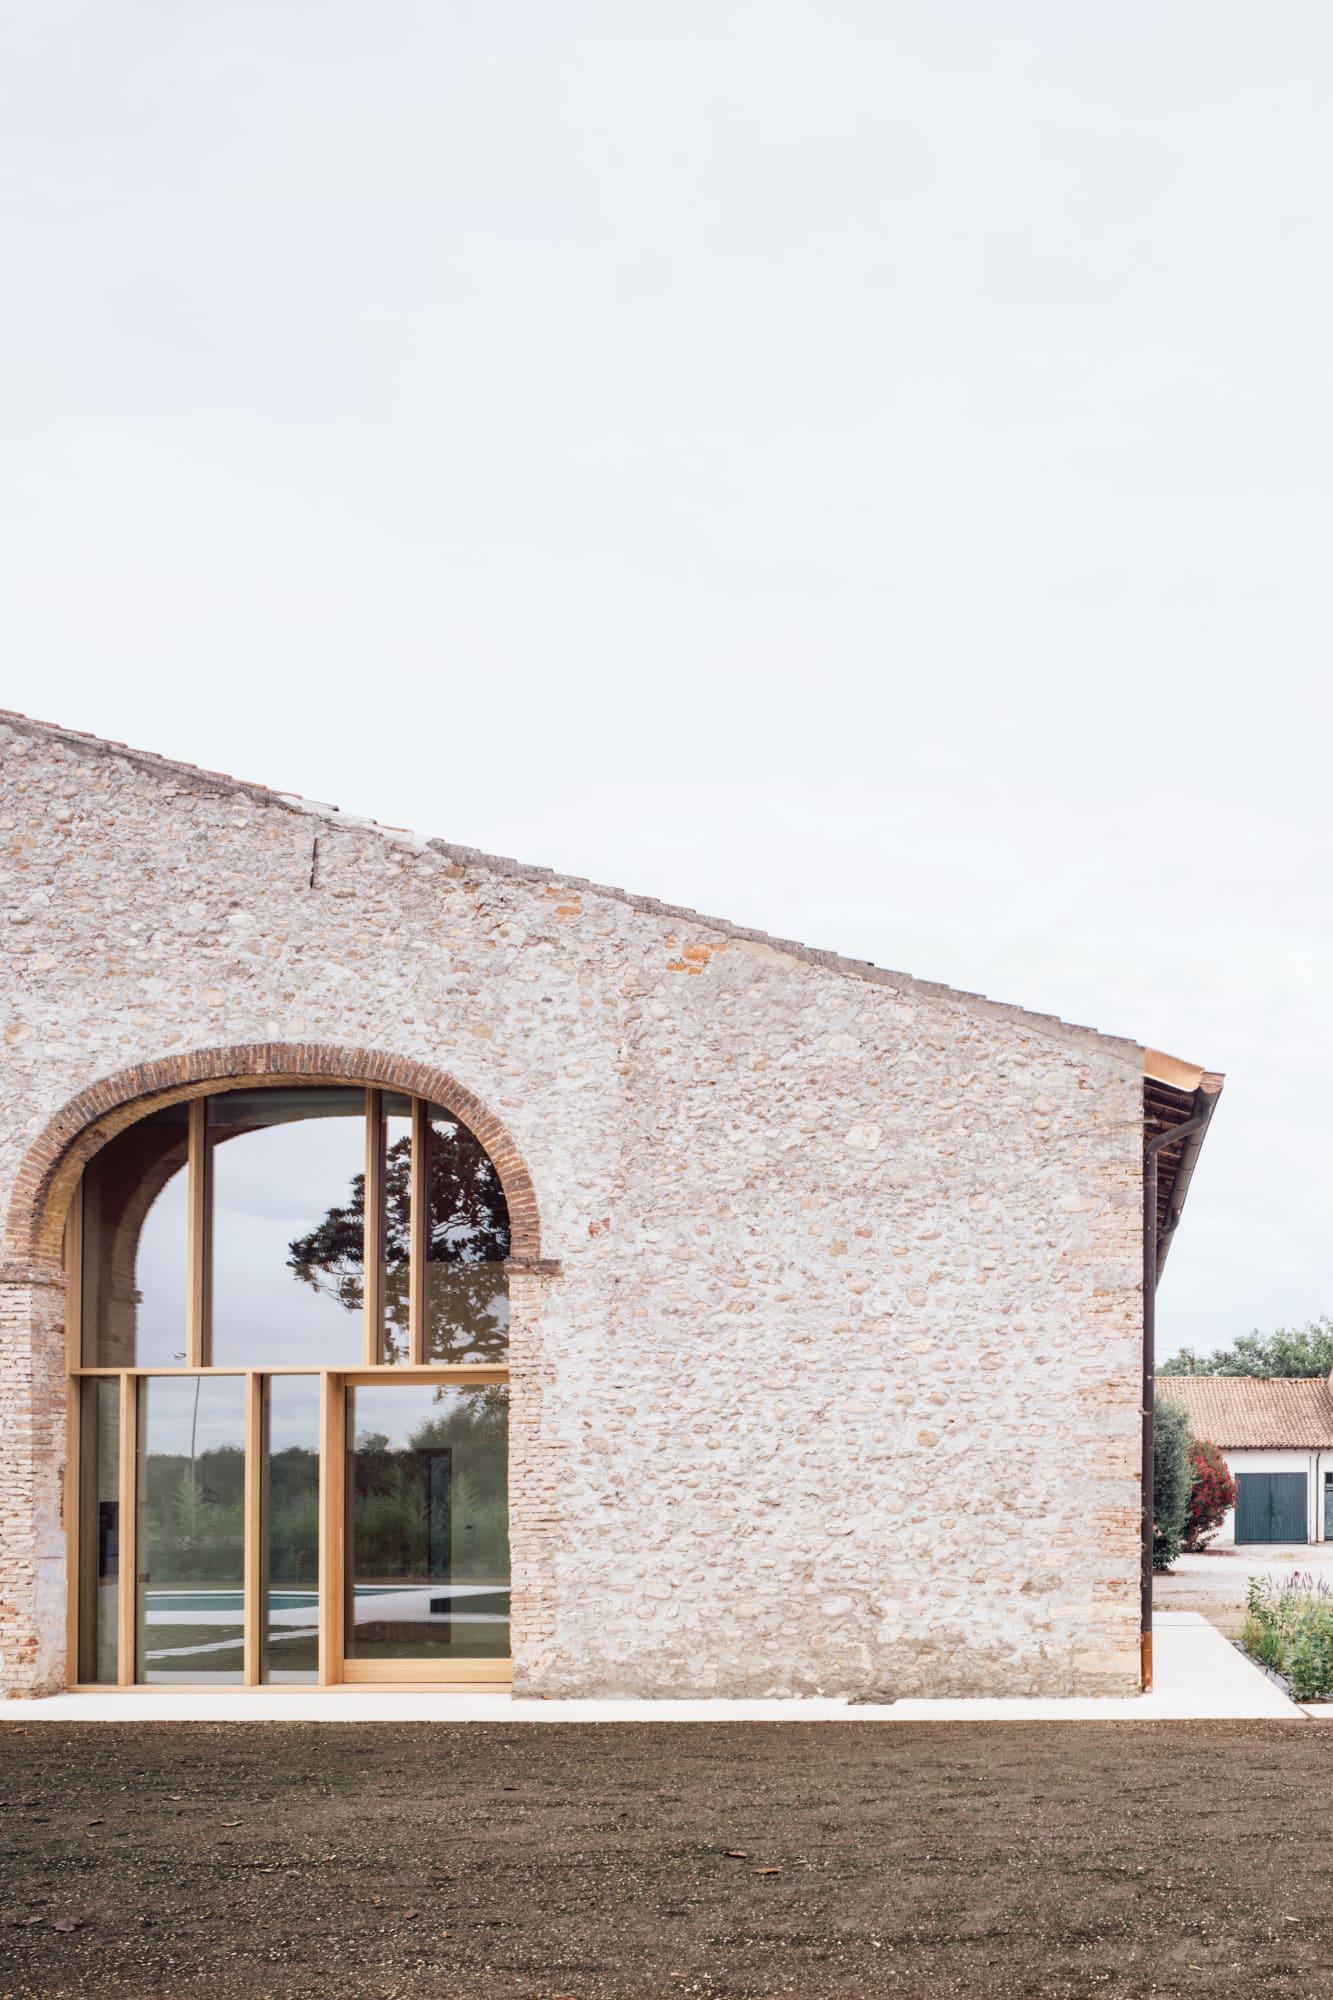 Facciata Casa Di Campagna studio wok, simone bossi · a country home in chievo · divisare